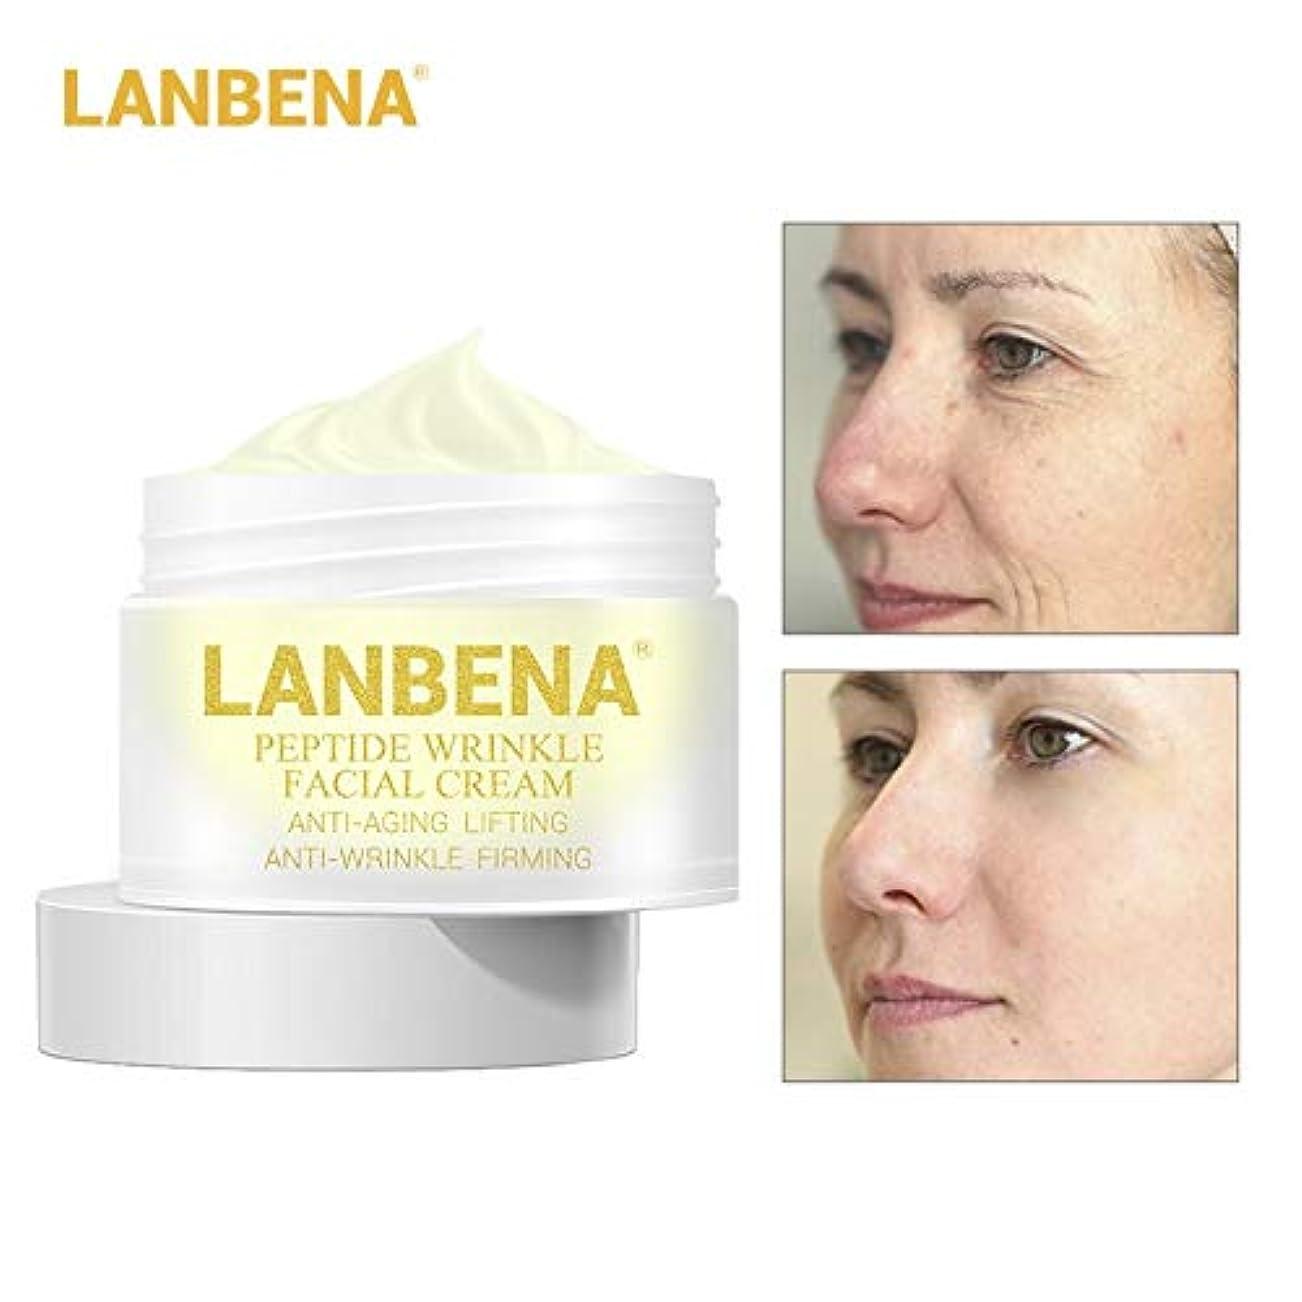 免除系統的サポートフェイスクリームケア鼻唇溝ディープ水分補給フェイシャルクリームを-firming LANBENAブランドペプチドアンチしわ